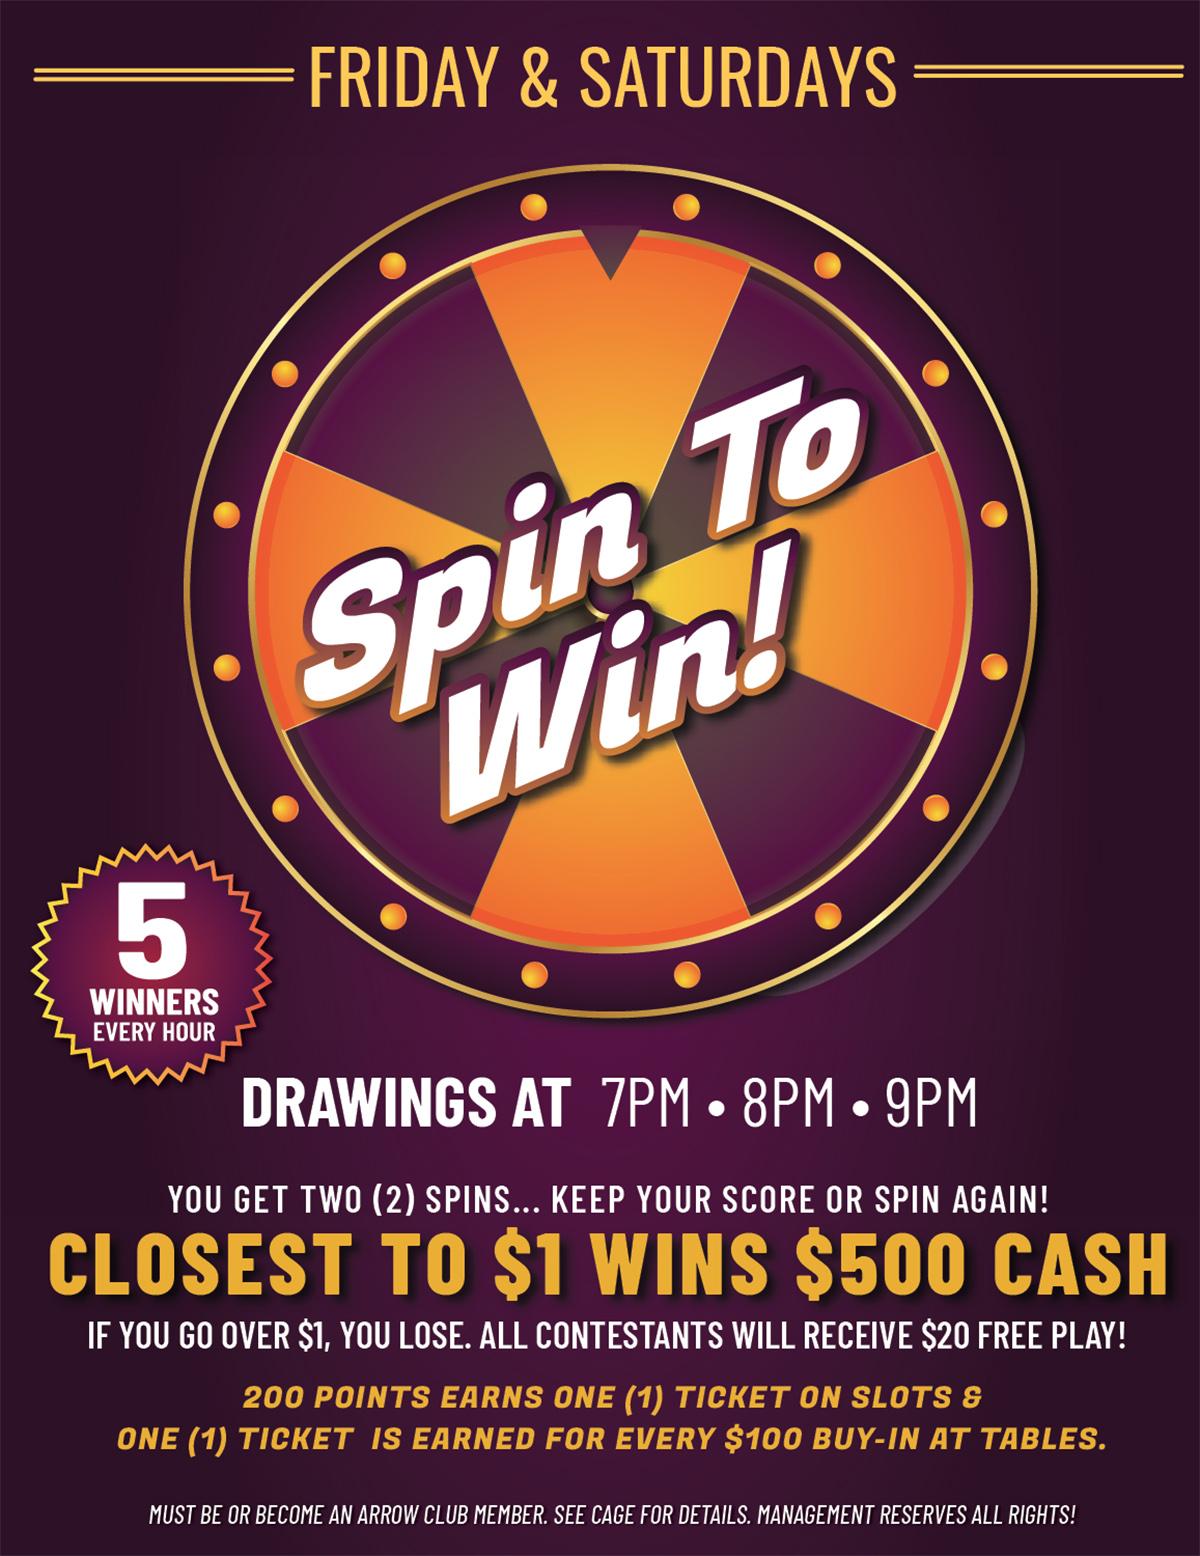 spin to win at wanaaha casino